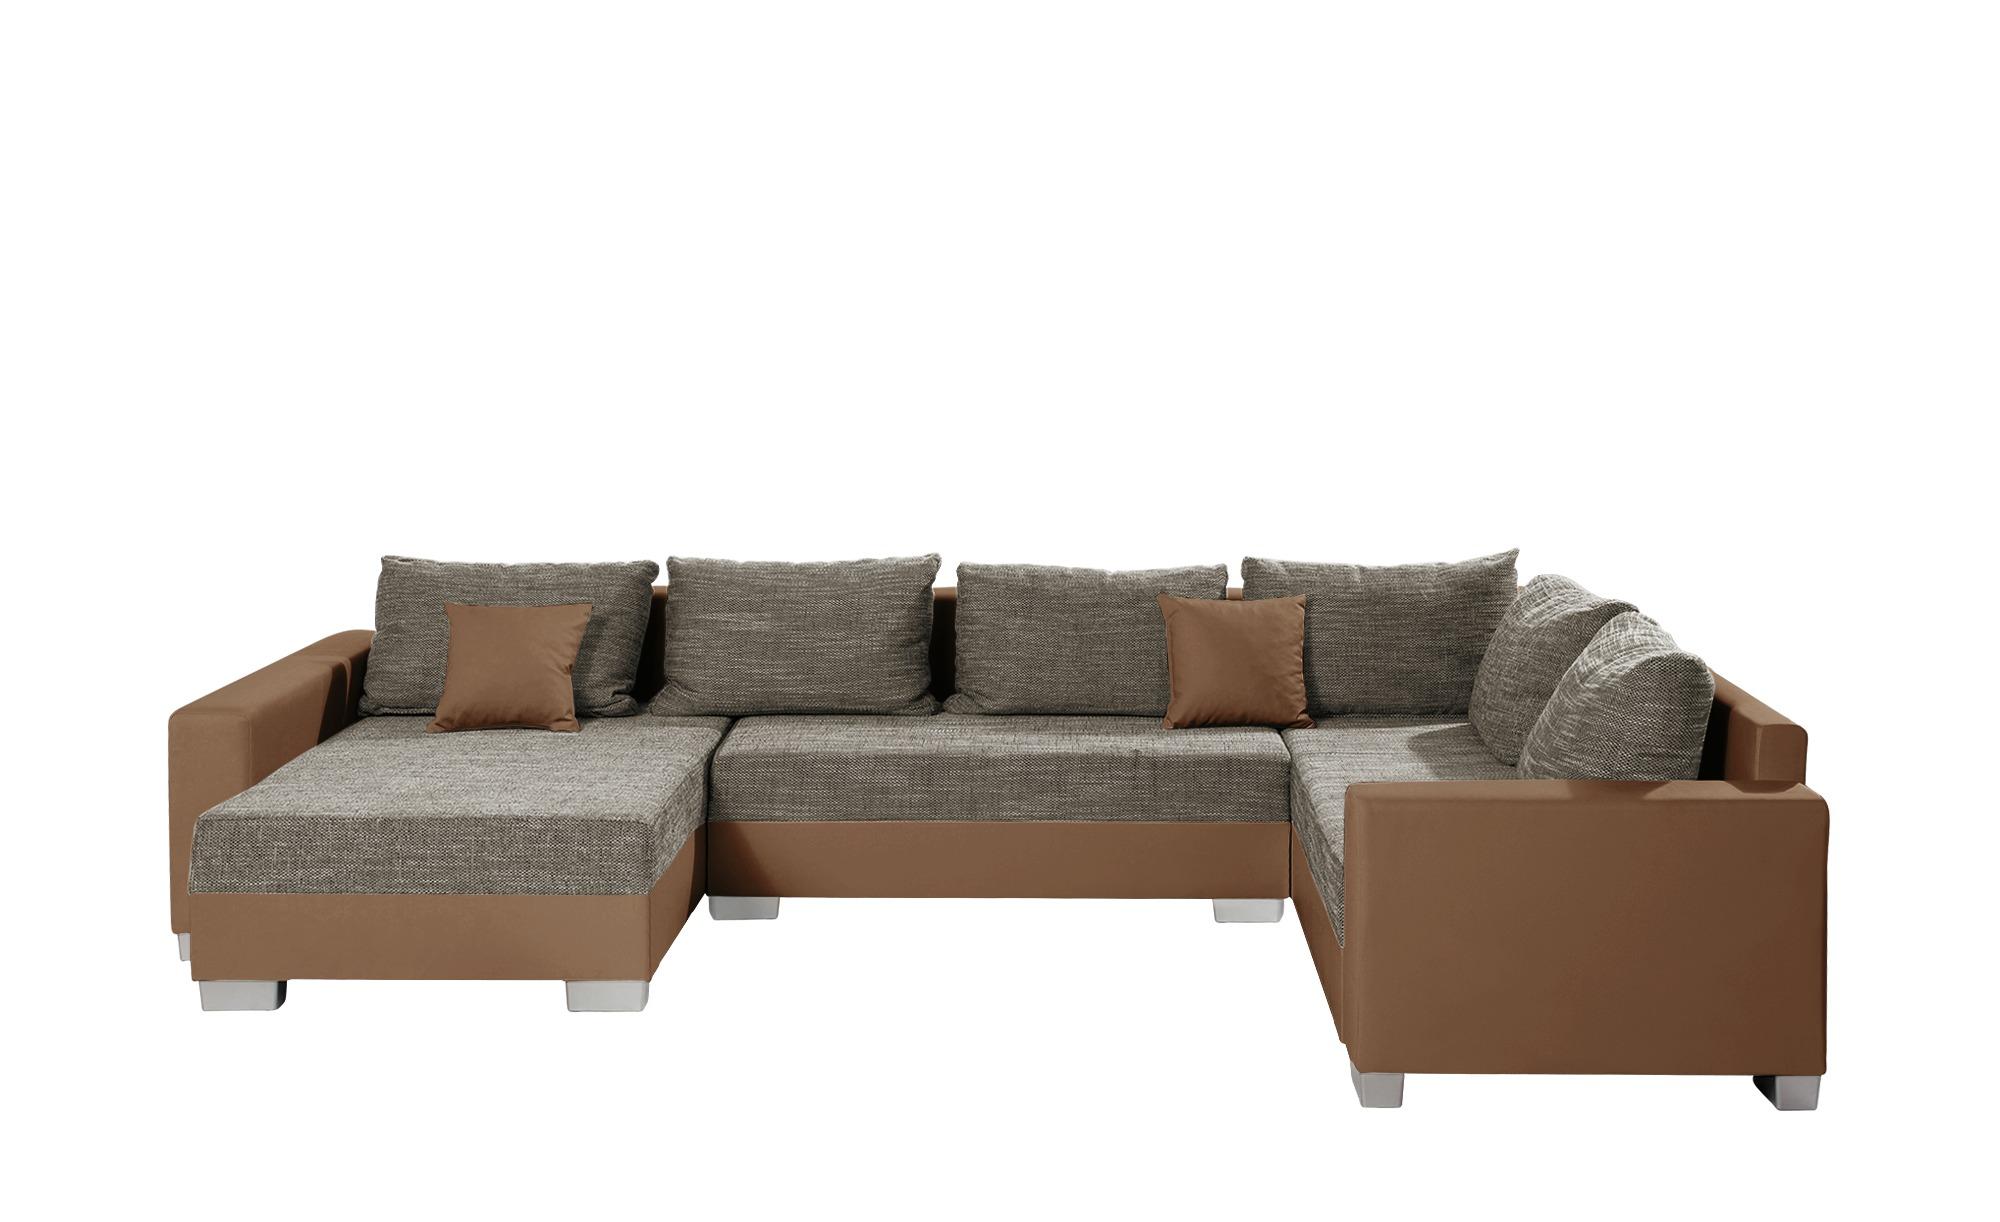 Wohnzimmer Farben Graue Couch Billige Ecksofa Kaufen Schlafcouch Gunstig Berlin Contemporary Sofas For Sale Wohnlandschaft Braun Wohnen Wohnlandschaft